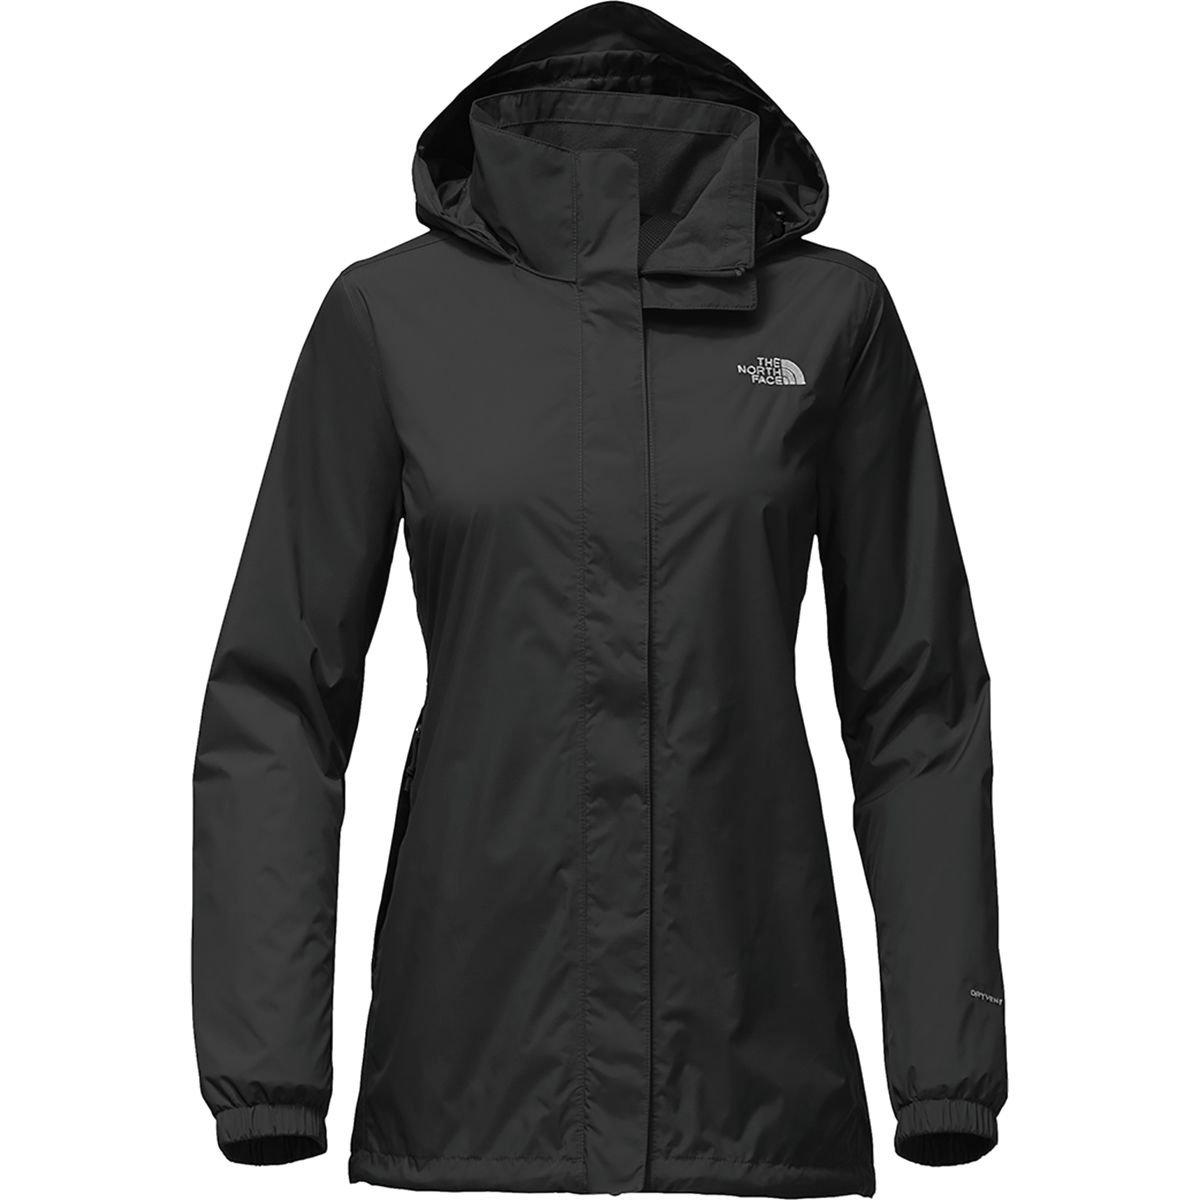 (ザノースフェイス) The North Face Resolve Parka レディース ジャケットTnf Black/Foil Grey [並行輸入品]   B079MGG1CK